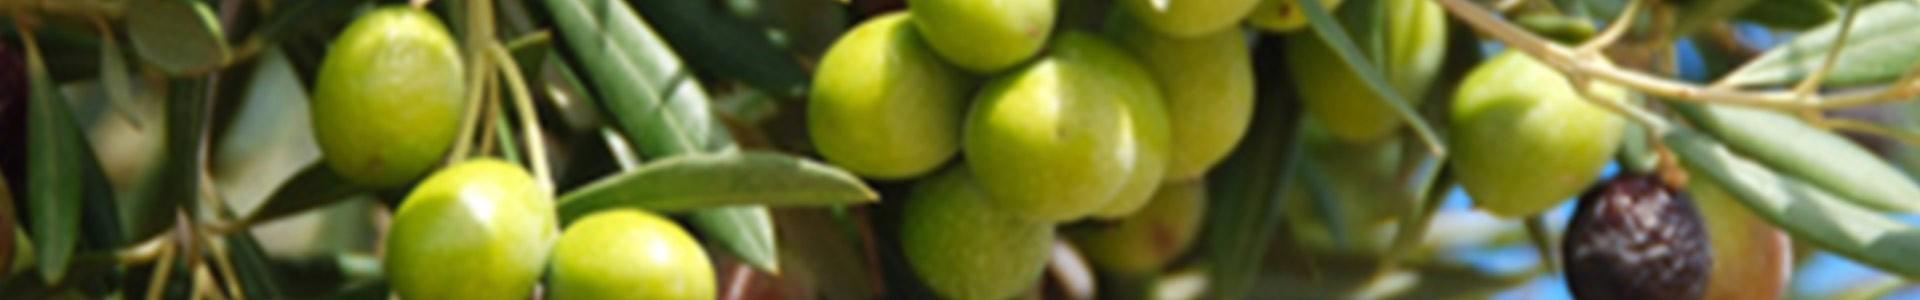 Pflegeprodukte mit Olvienöl | Seifen, Peeling uvm.